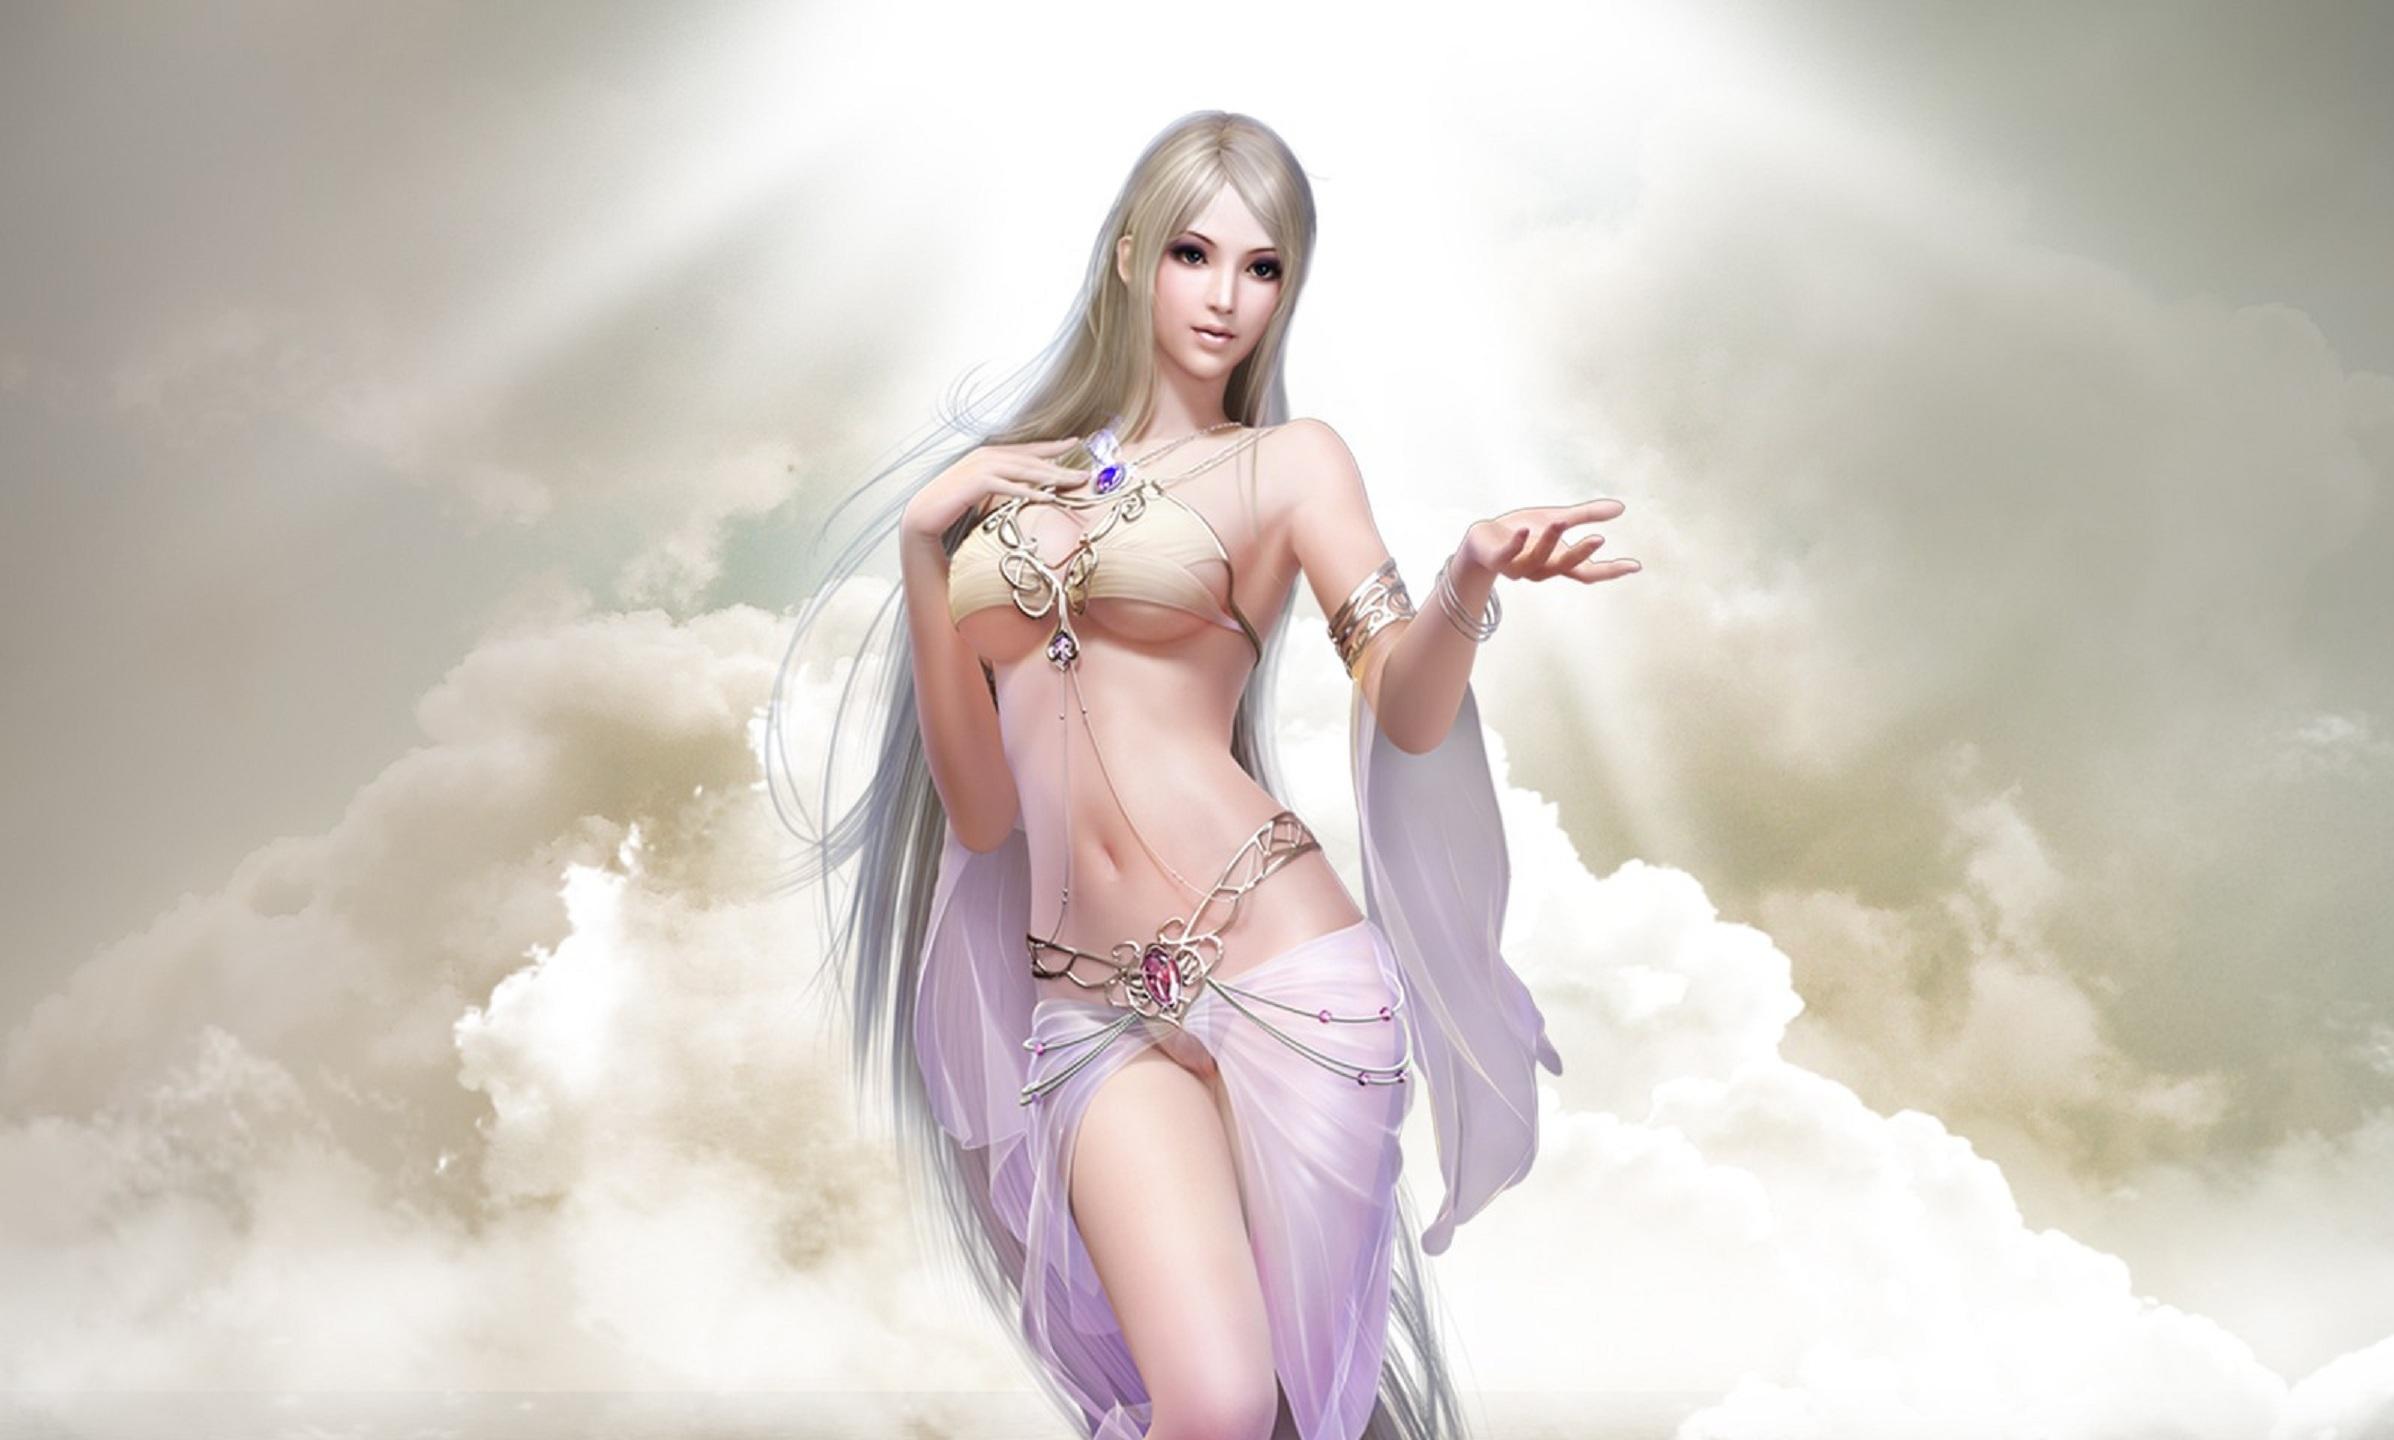 Fantasy Girl Hd Wallpaper